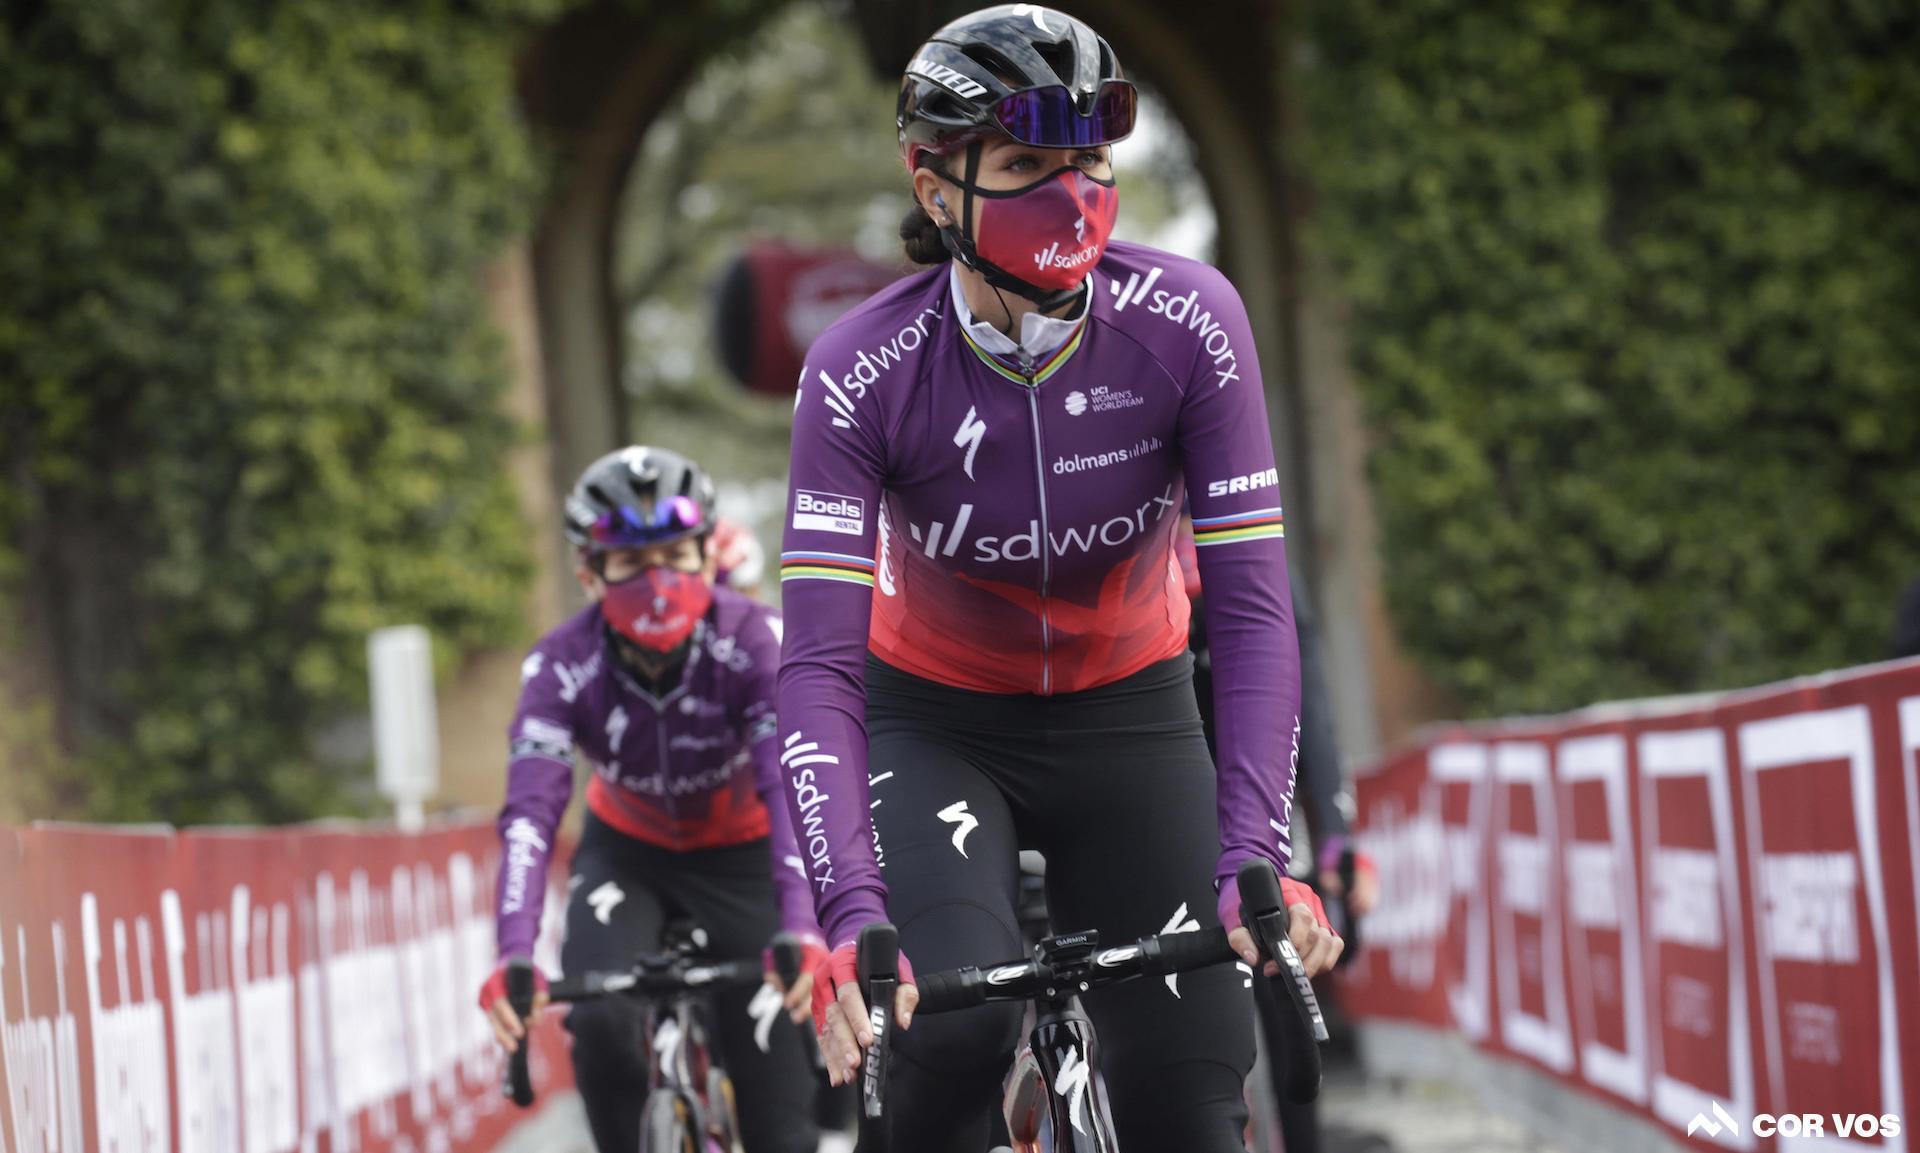 Chantal van den Broek-Blaak vinder Strade Bianche